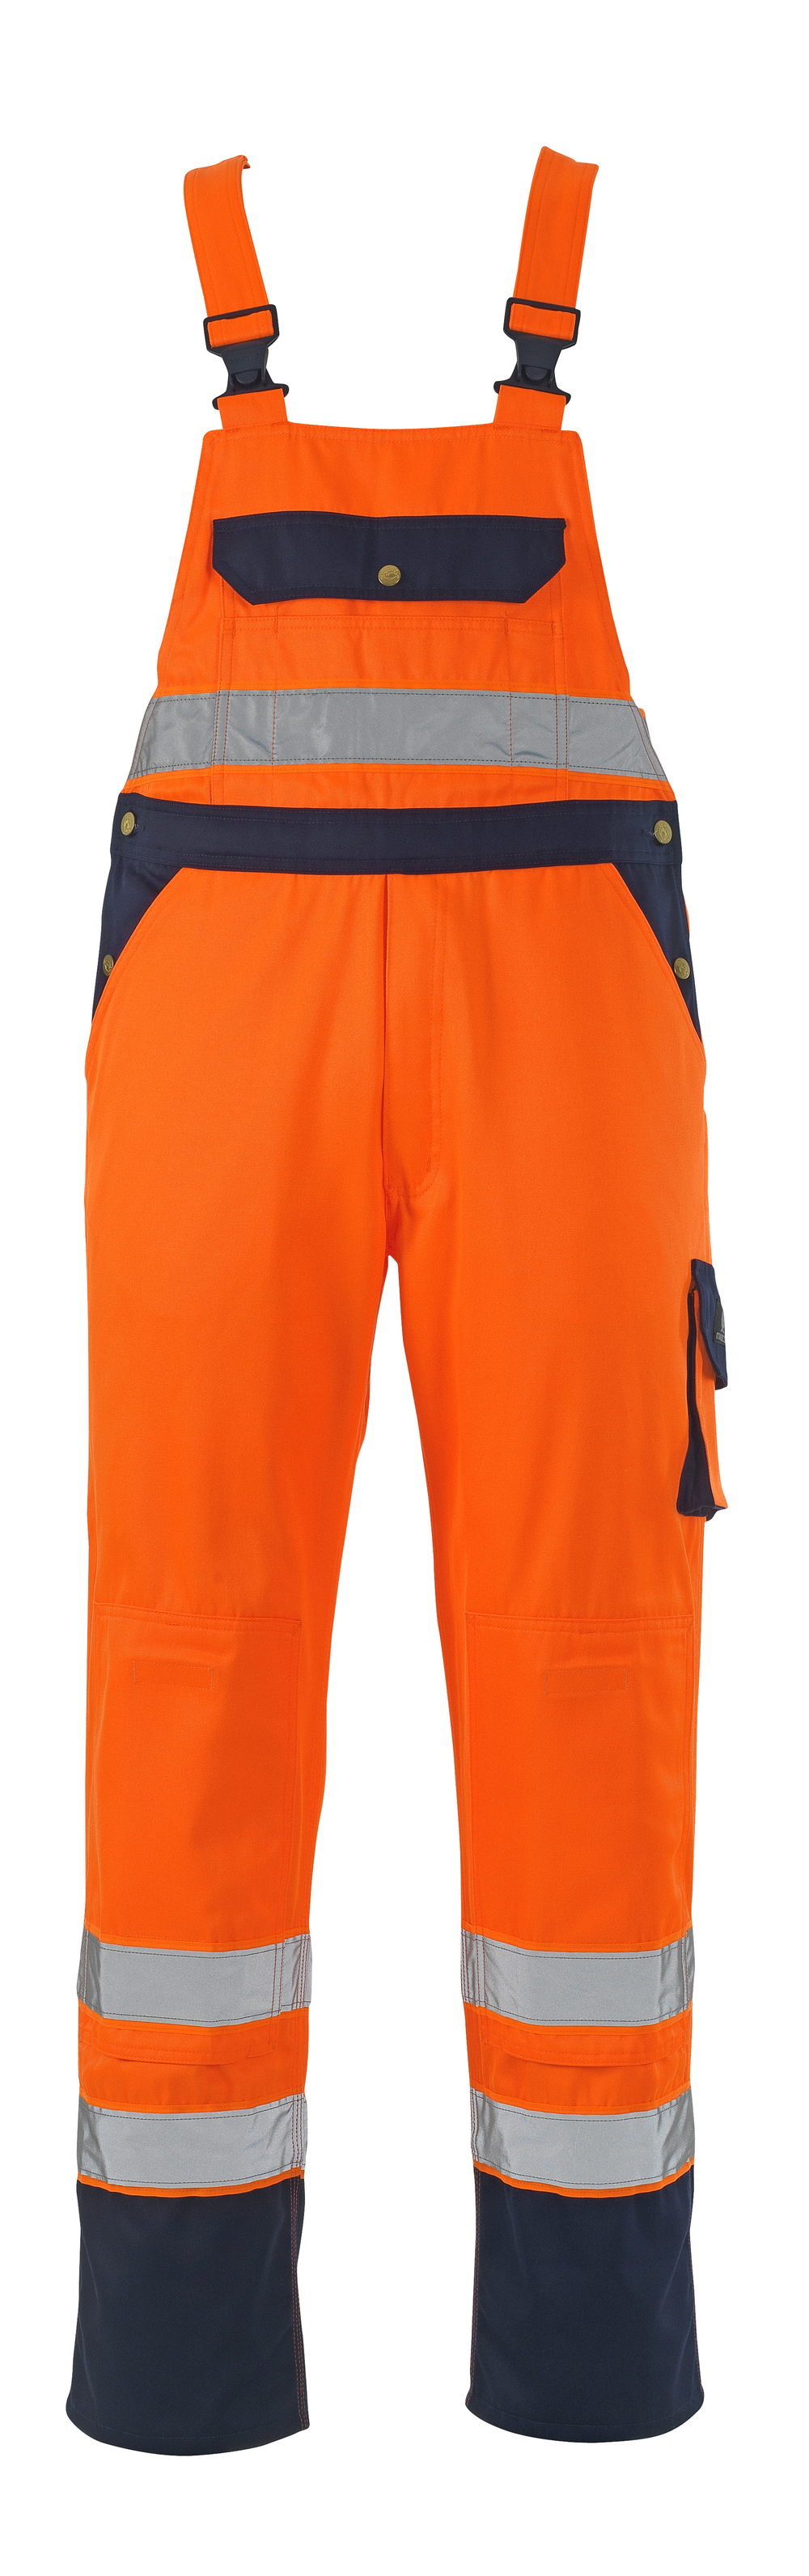 00969-860-141 Avosuoja polvitaskuilla - hi-vis oranssi/tummansininen